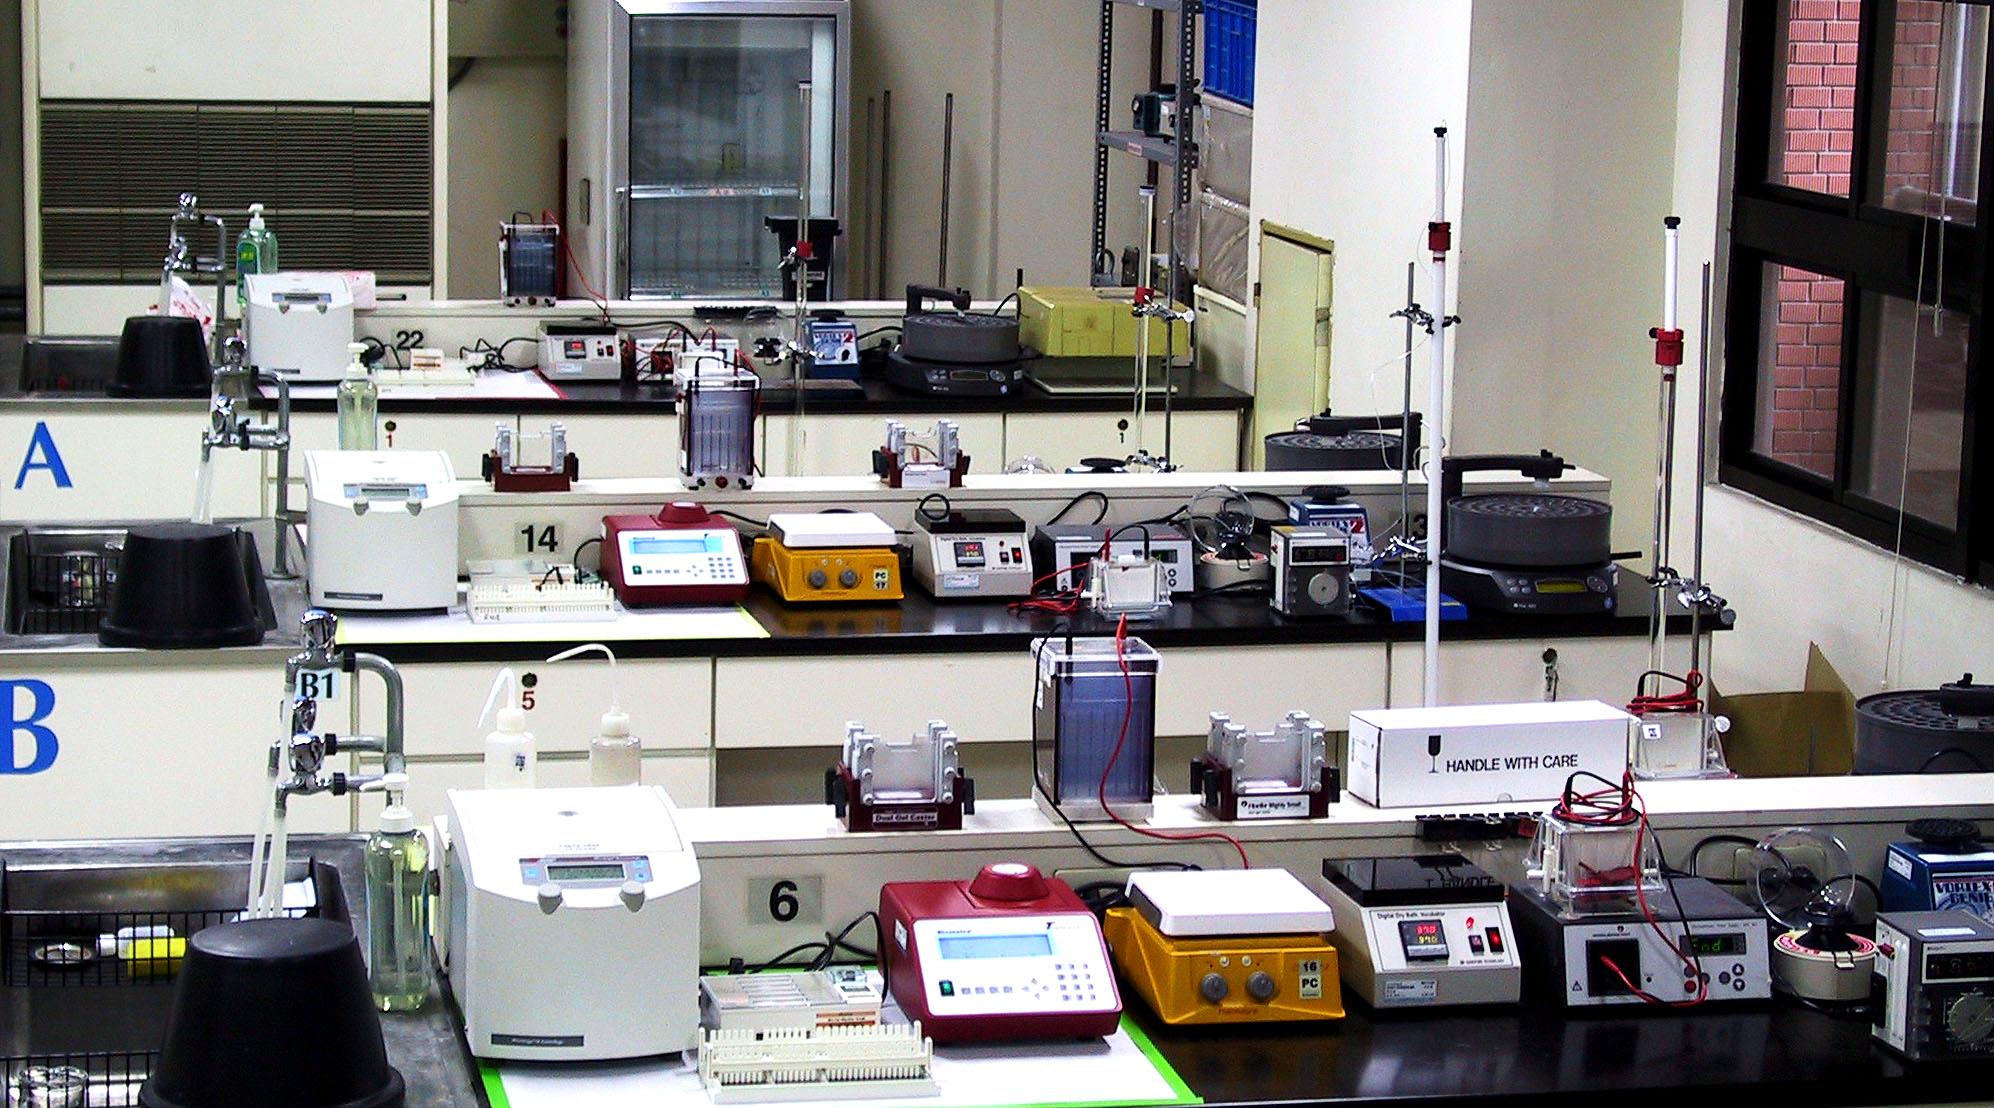 生技系生化实验室图片集